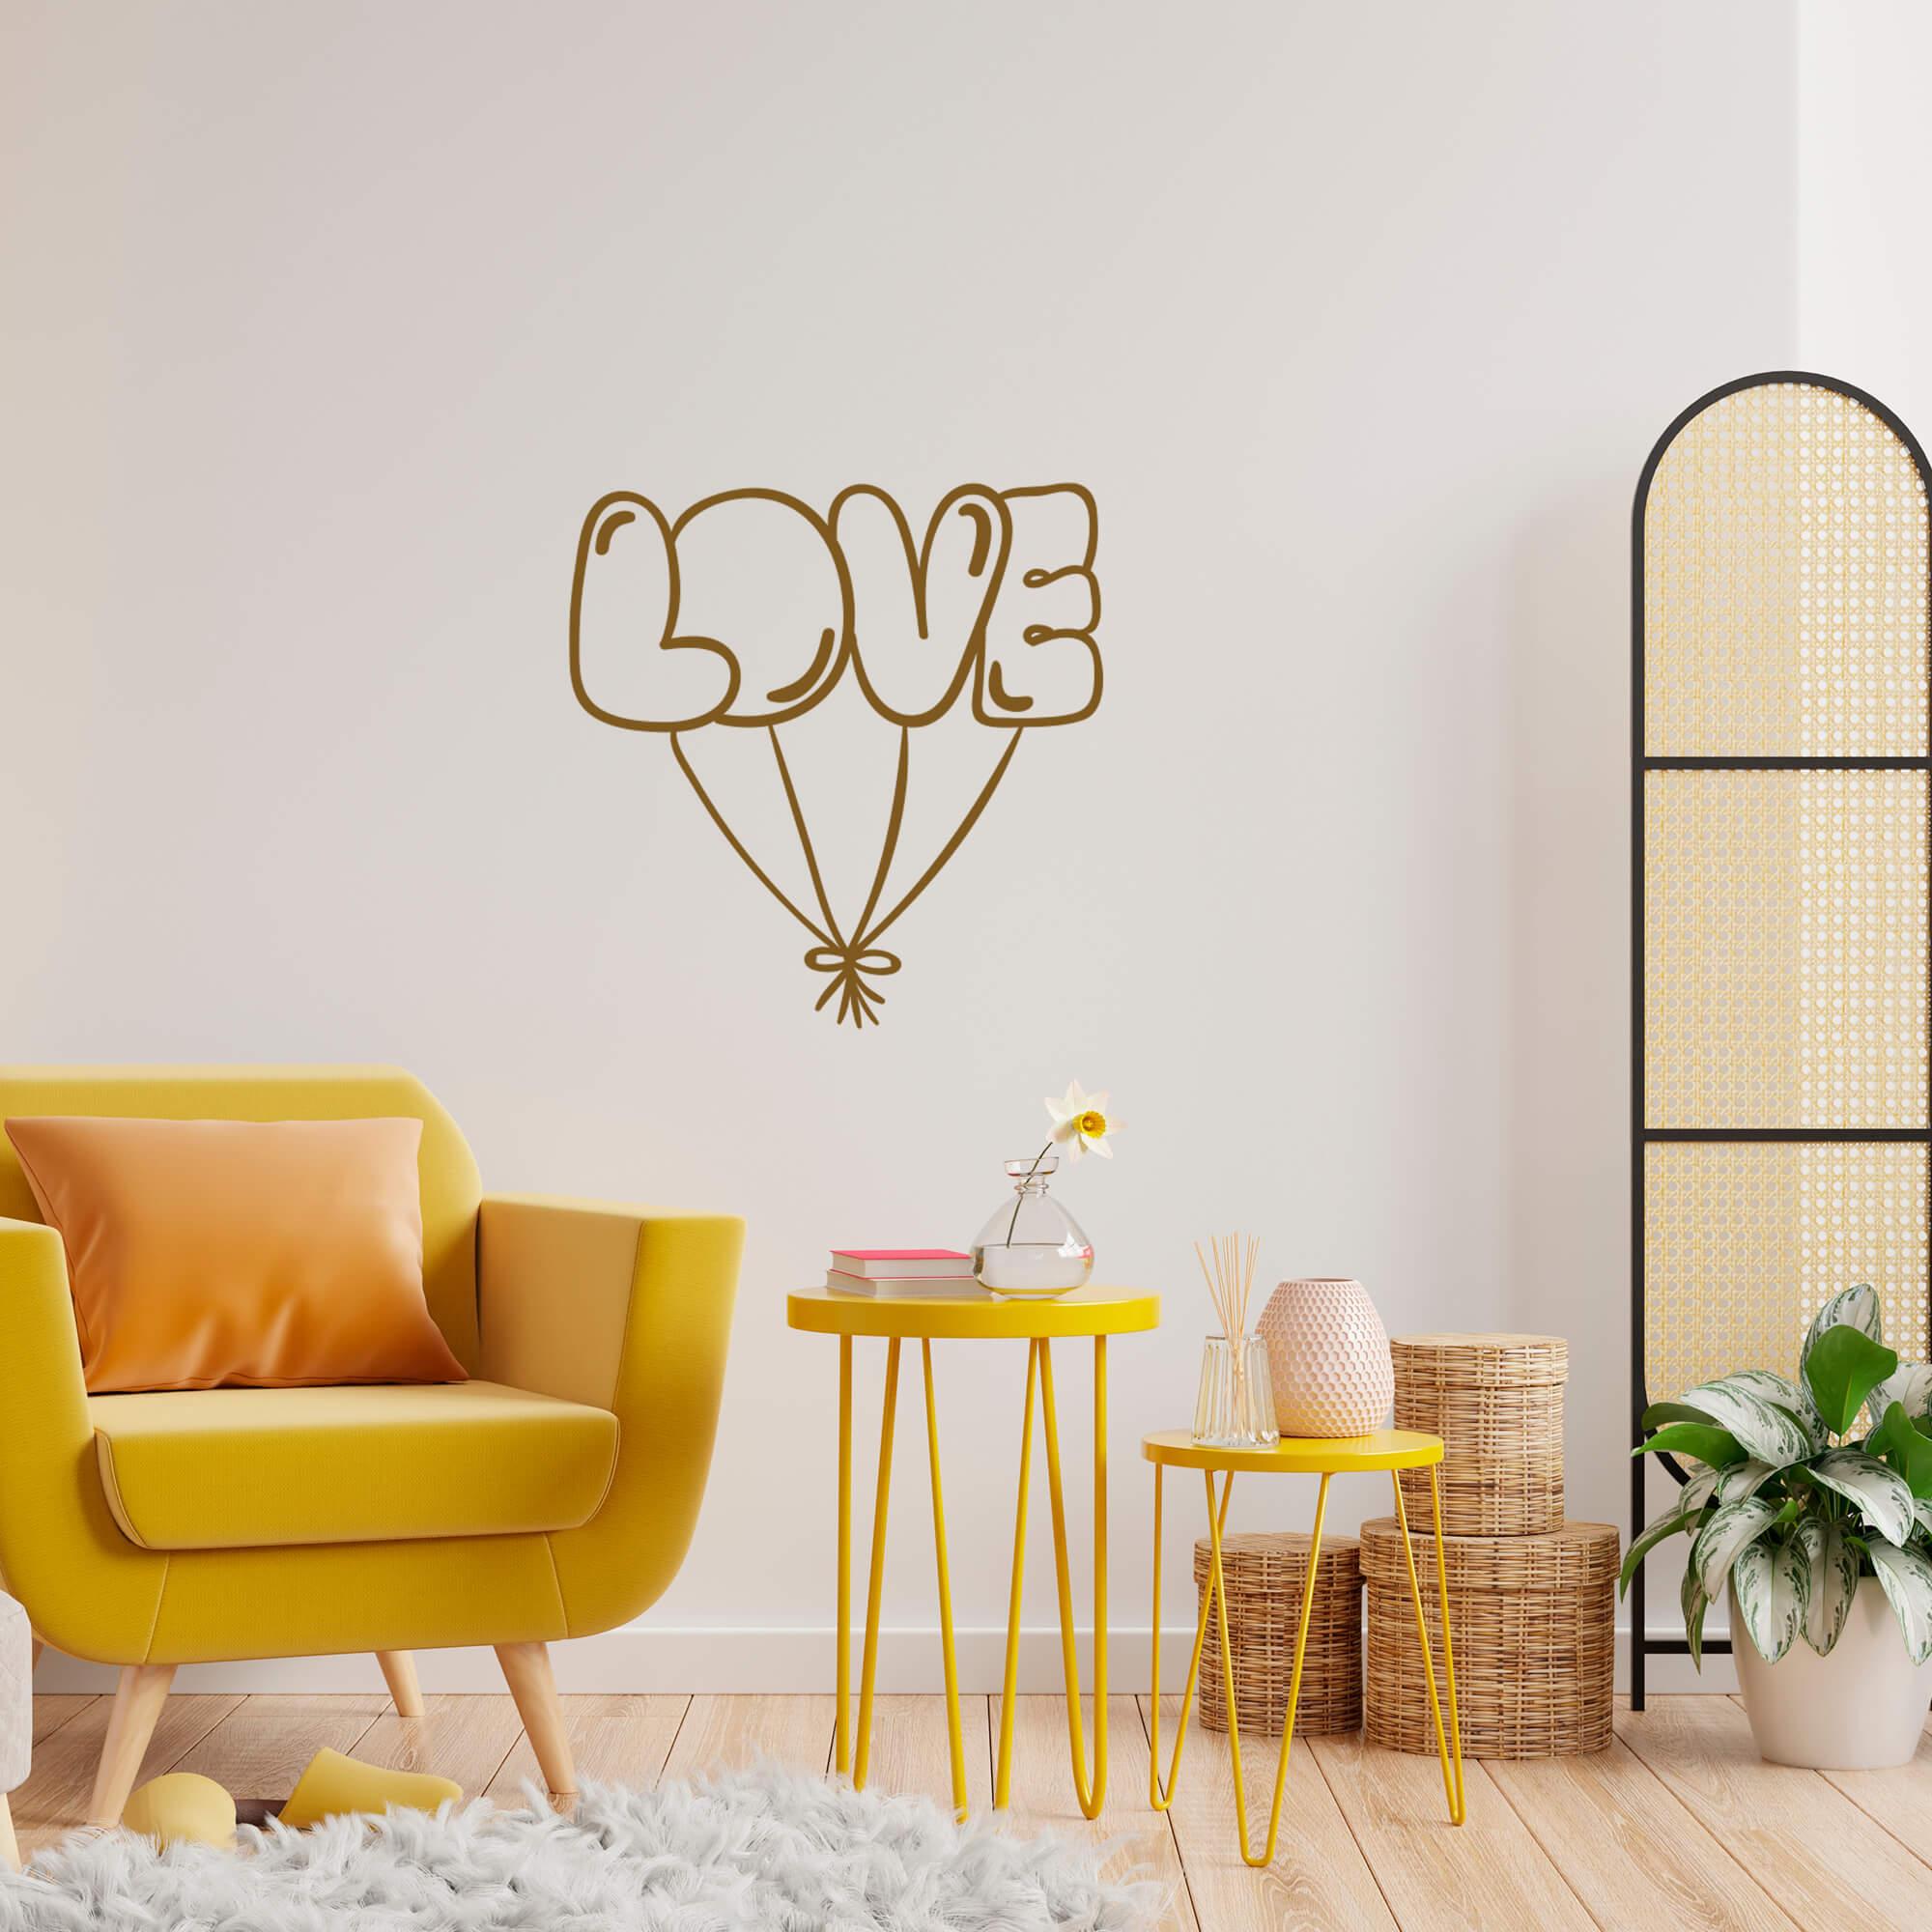 Adesivo de Parede Love Balões Decoração Fofa Quarto Sala